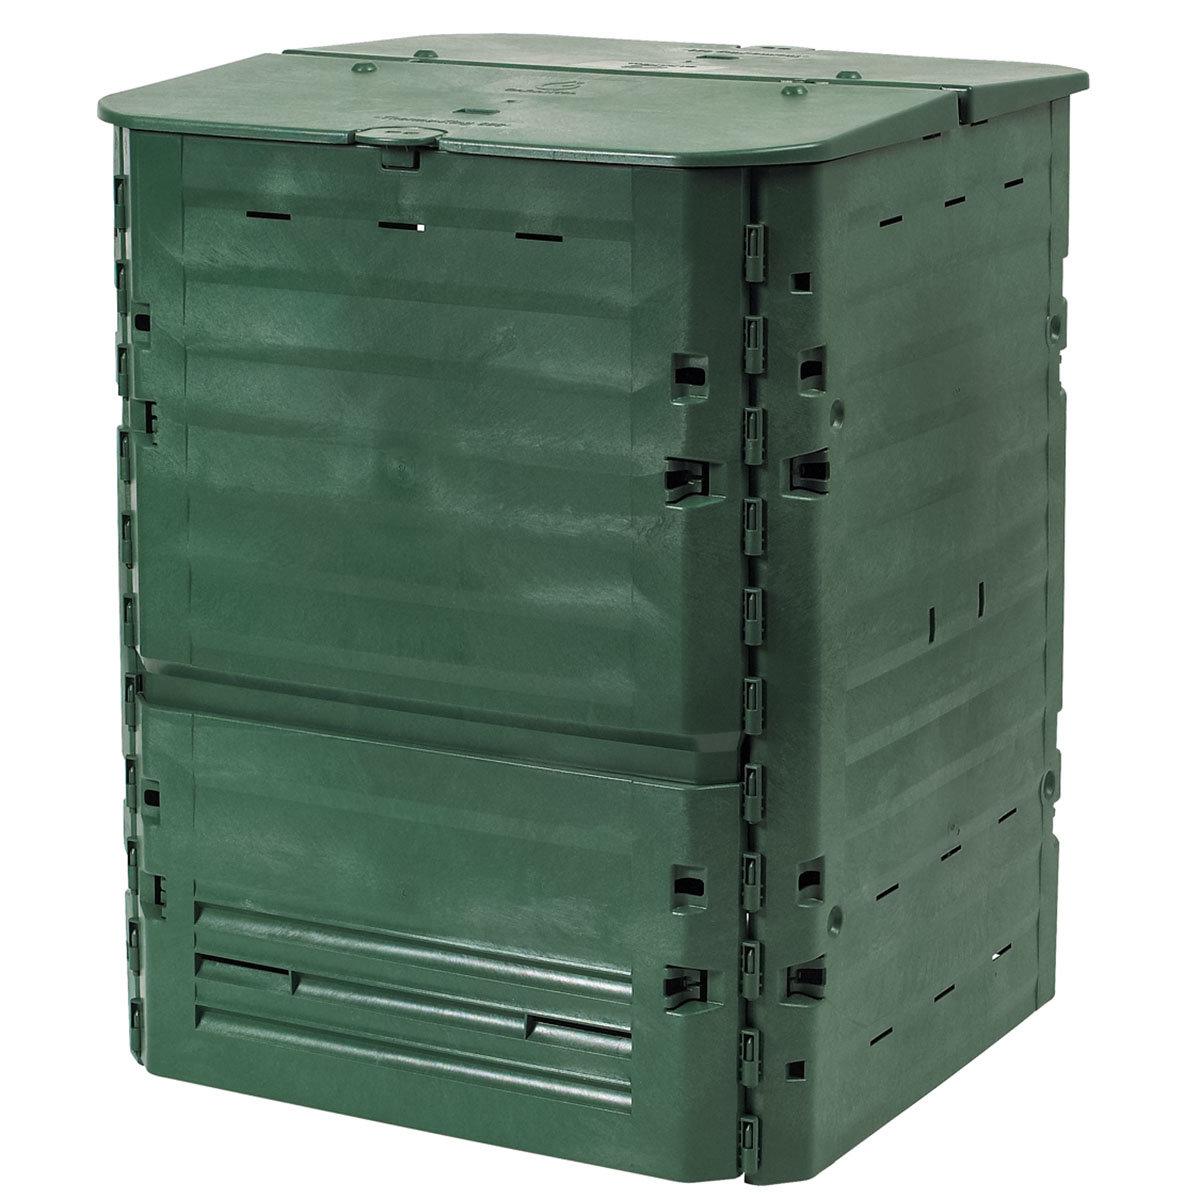 Komposter Thermo King, 400 l, grün | #2